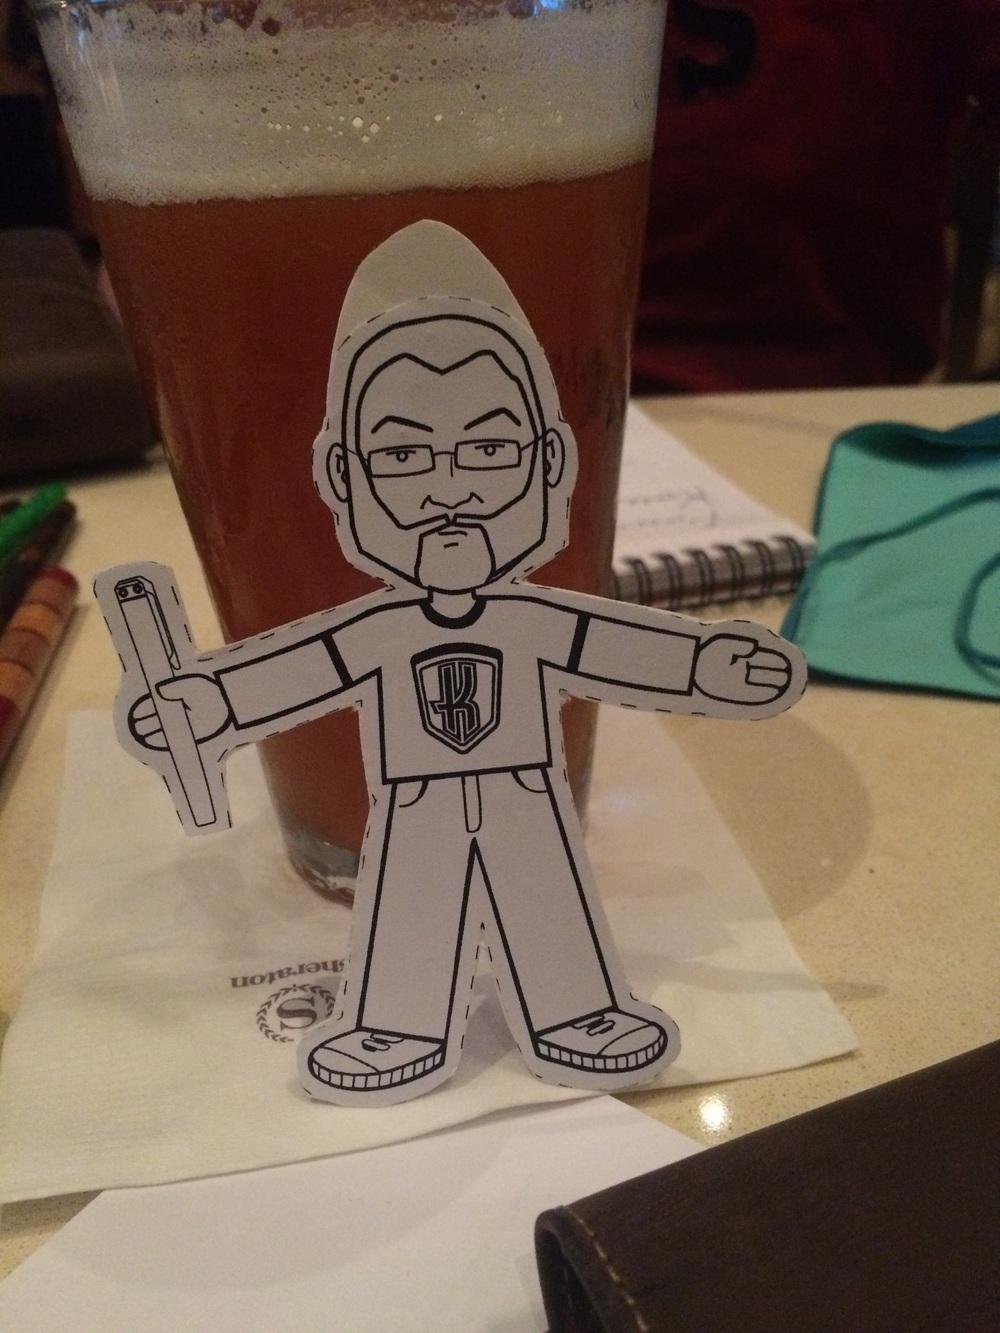 Flat Dan joins us at the bar.